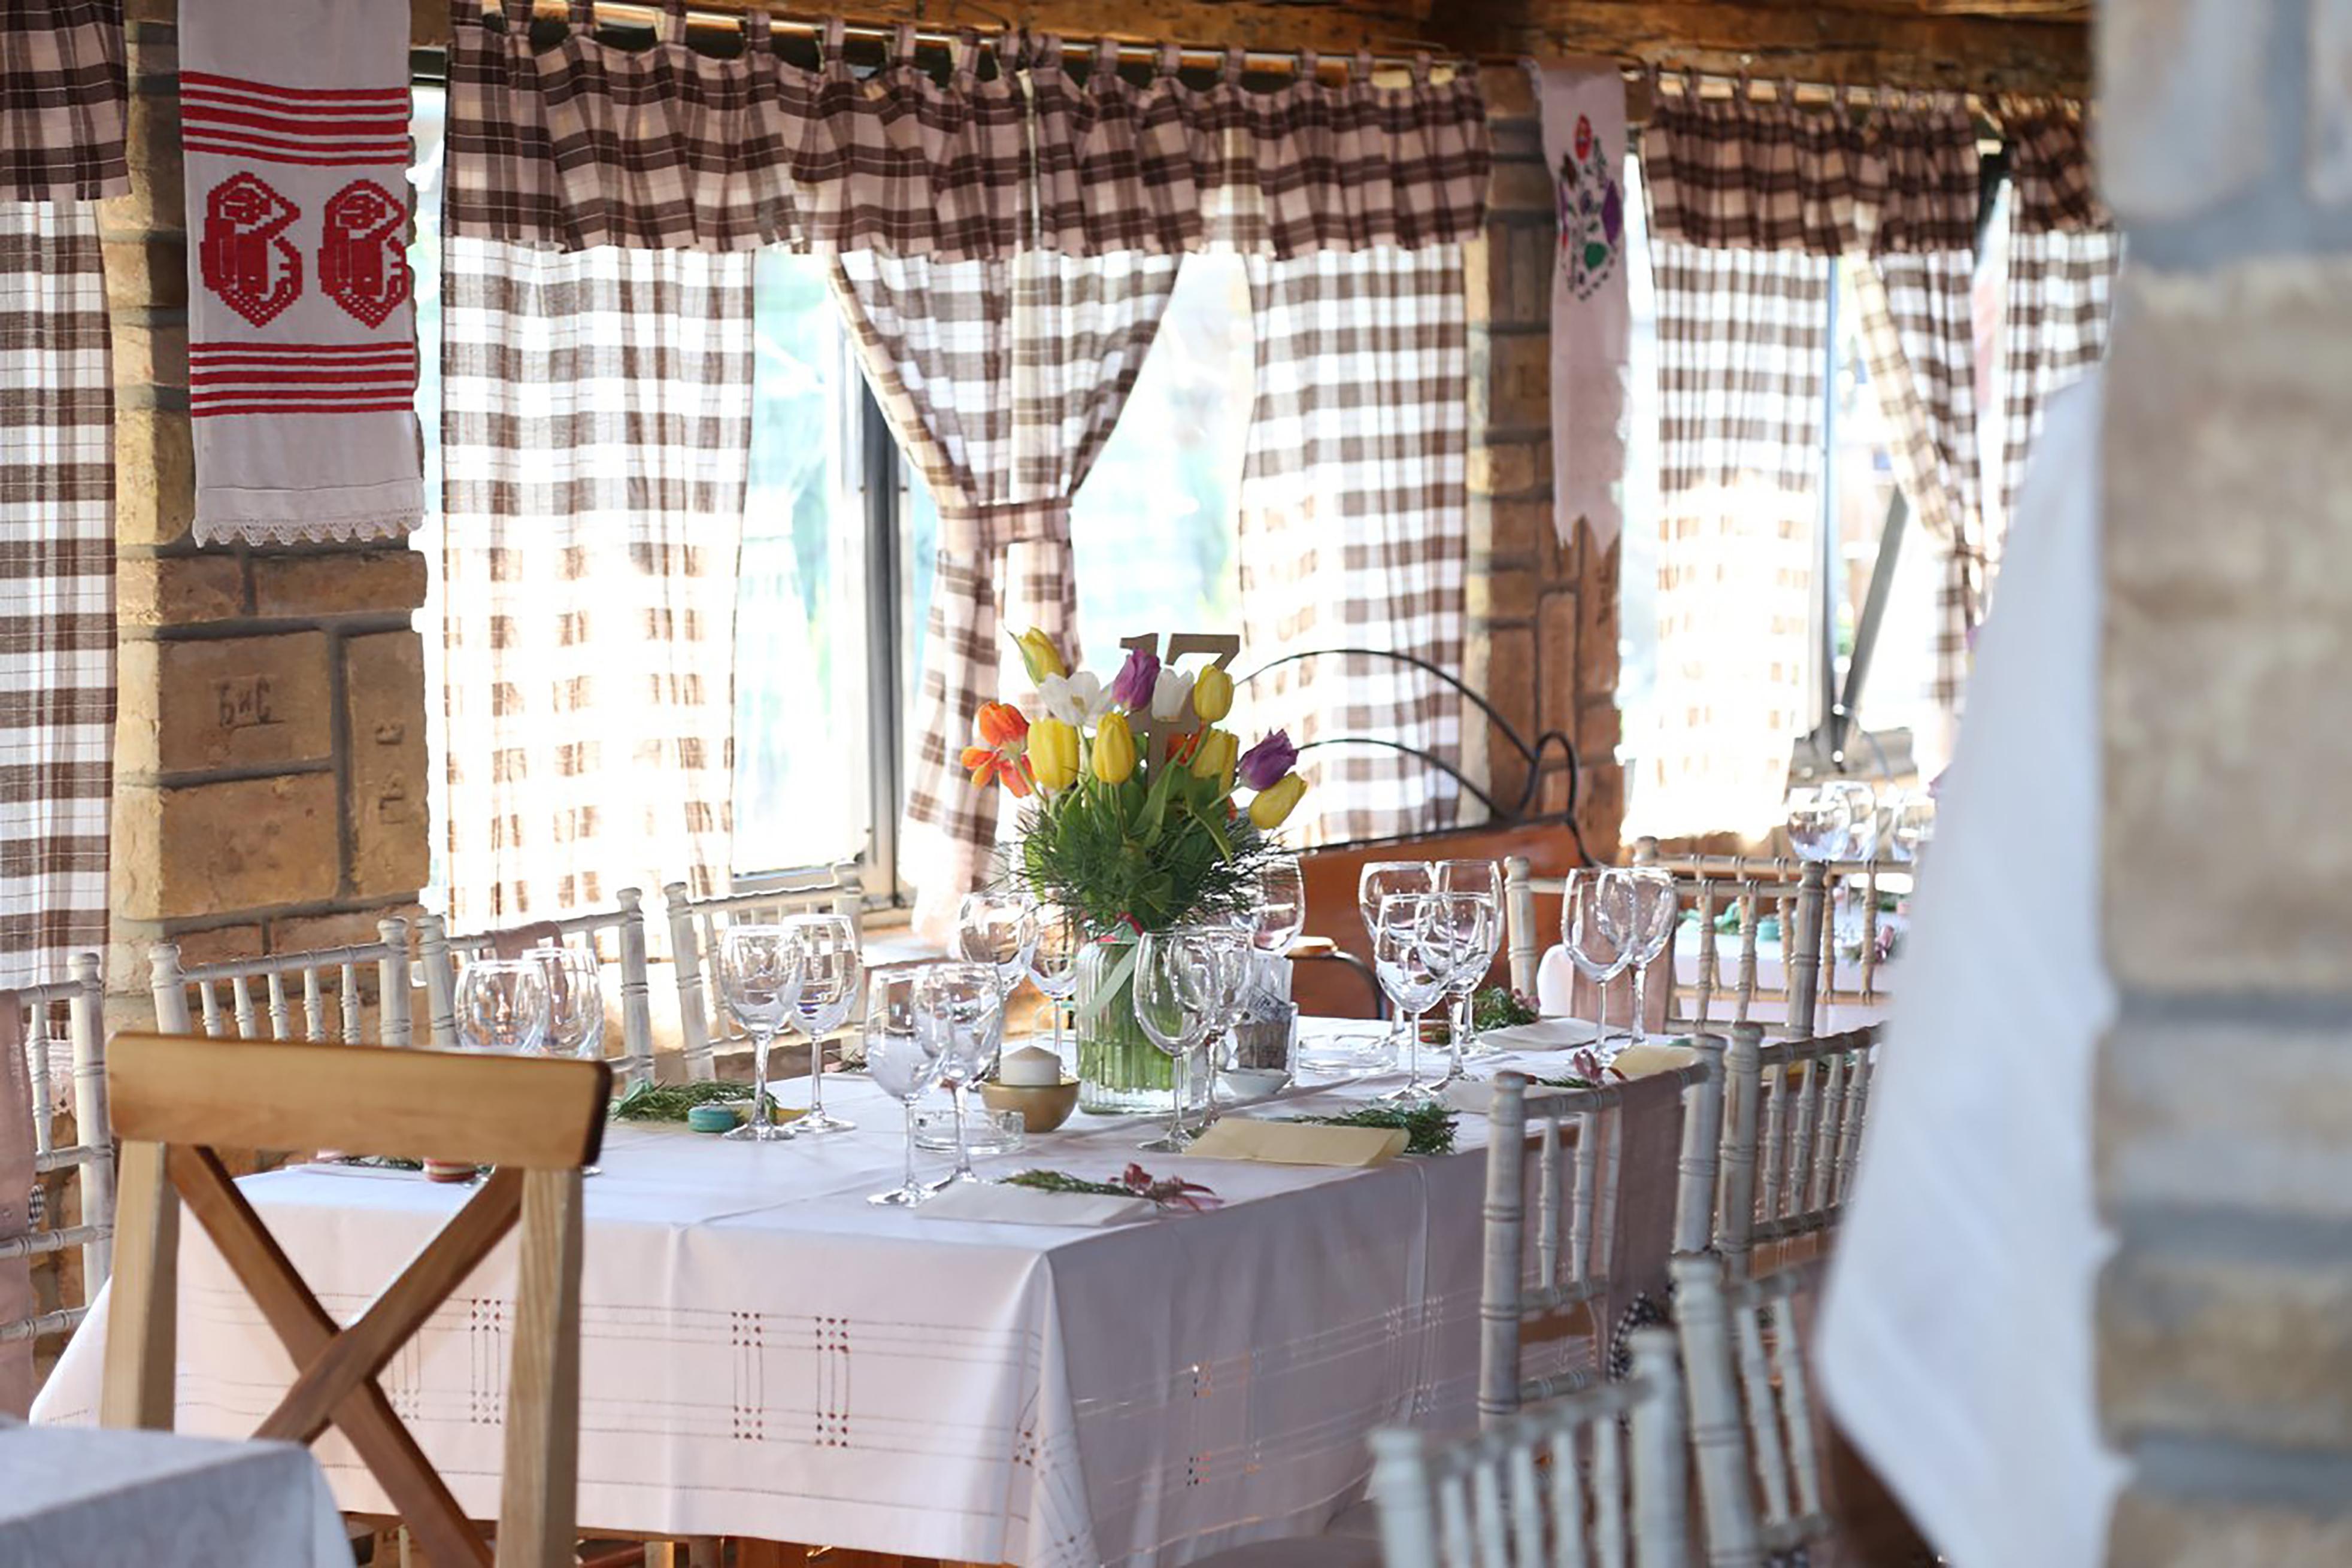 etno_ambijent_restoran_tosina_kuca